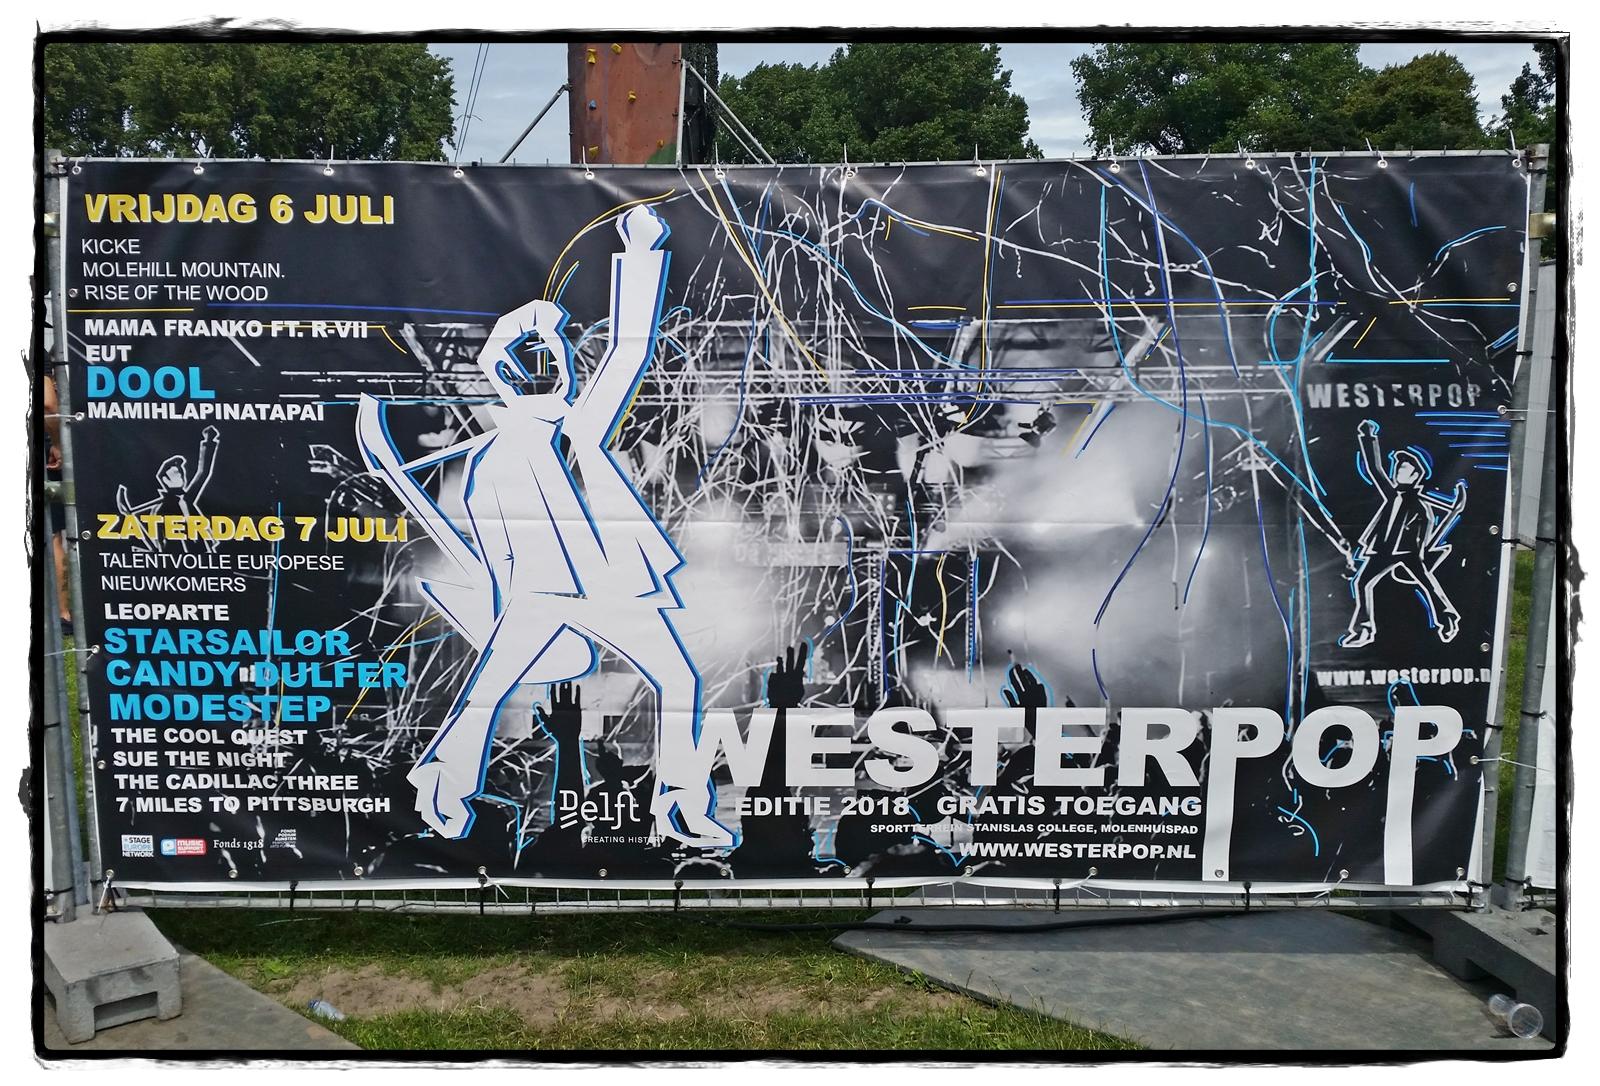 Affiche Westerpop 2018